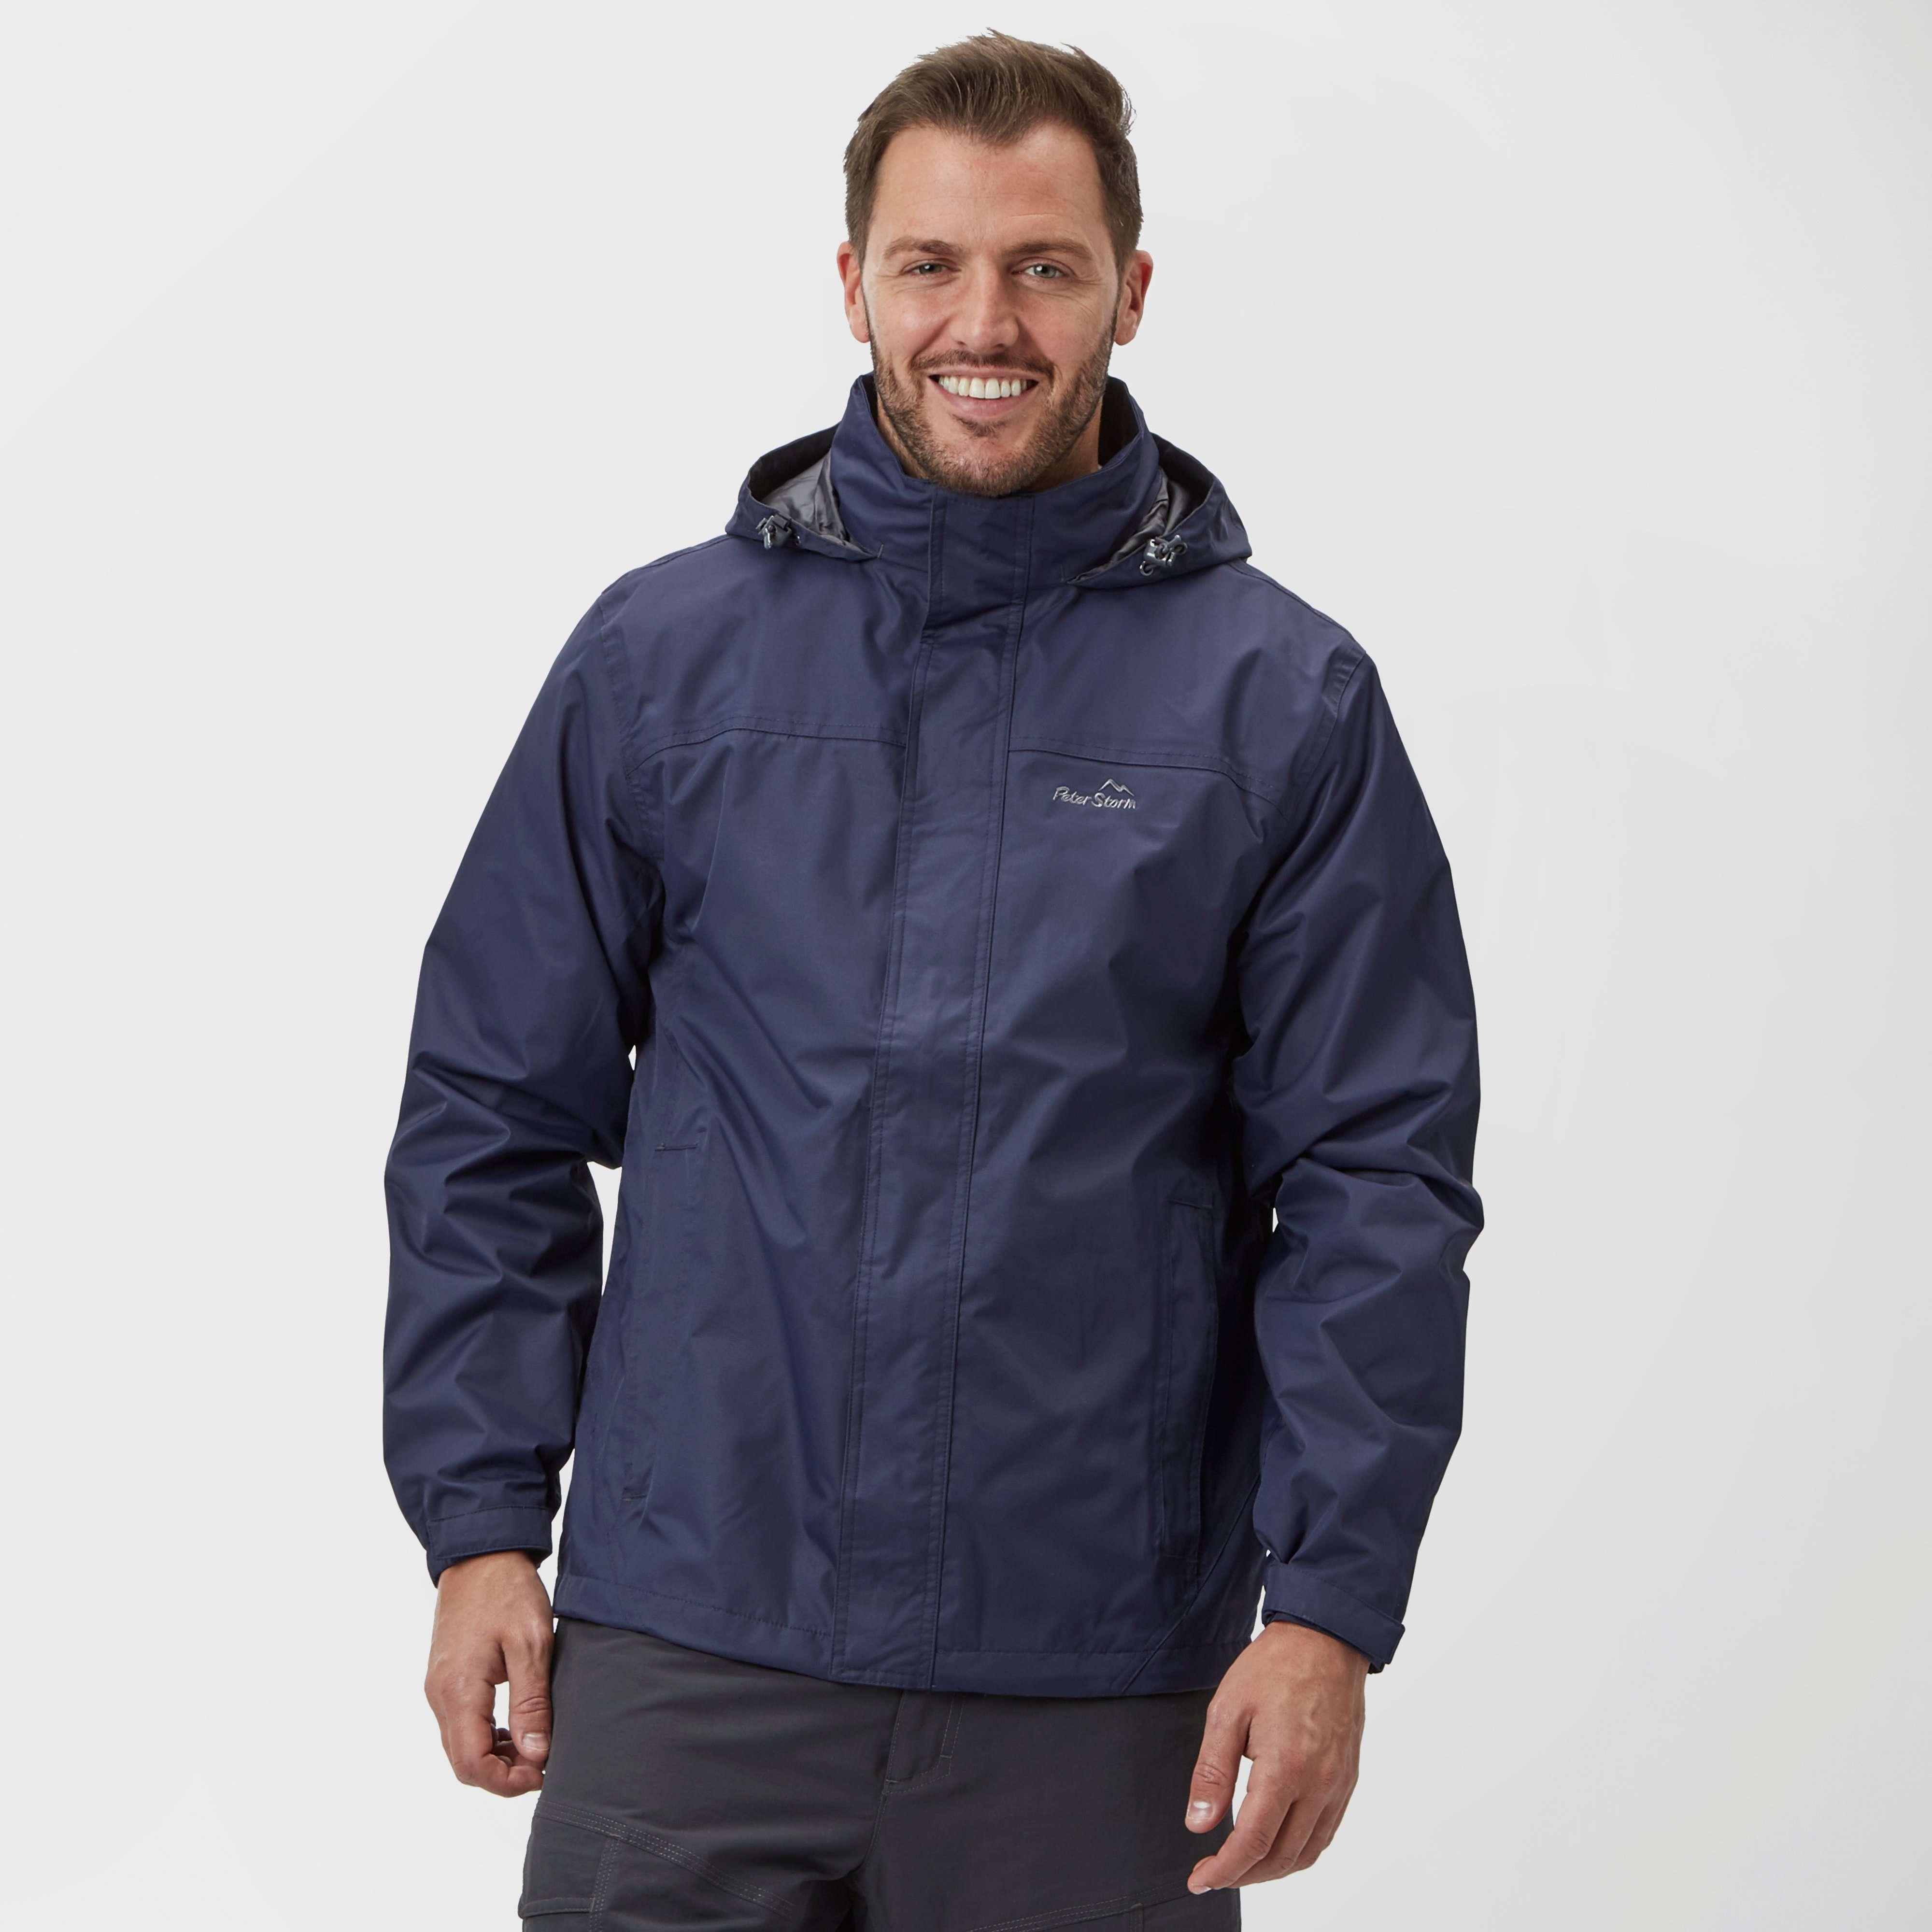 PETER STORM Men's Storm II Jacket